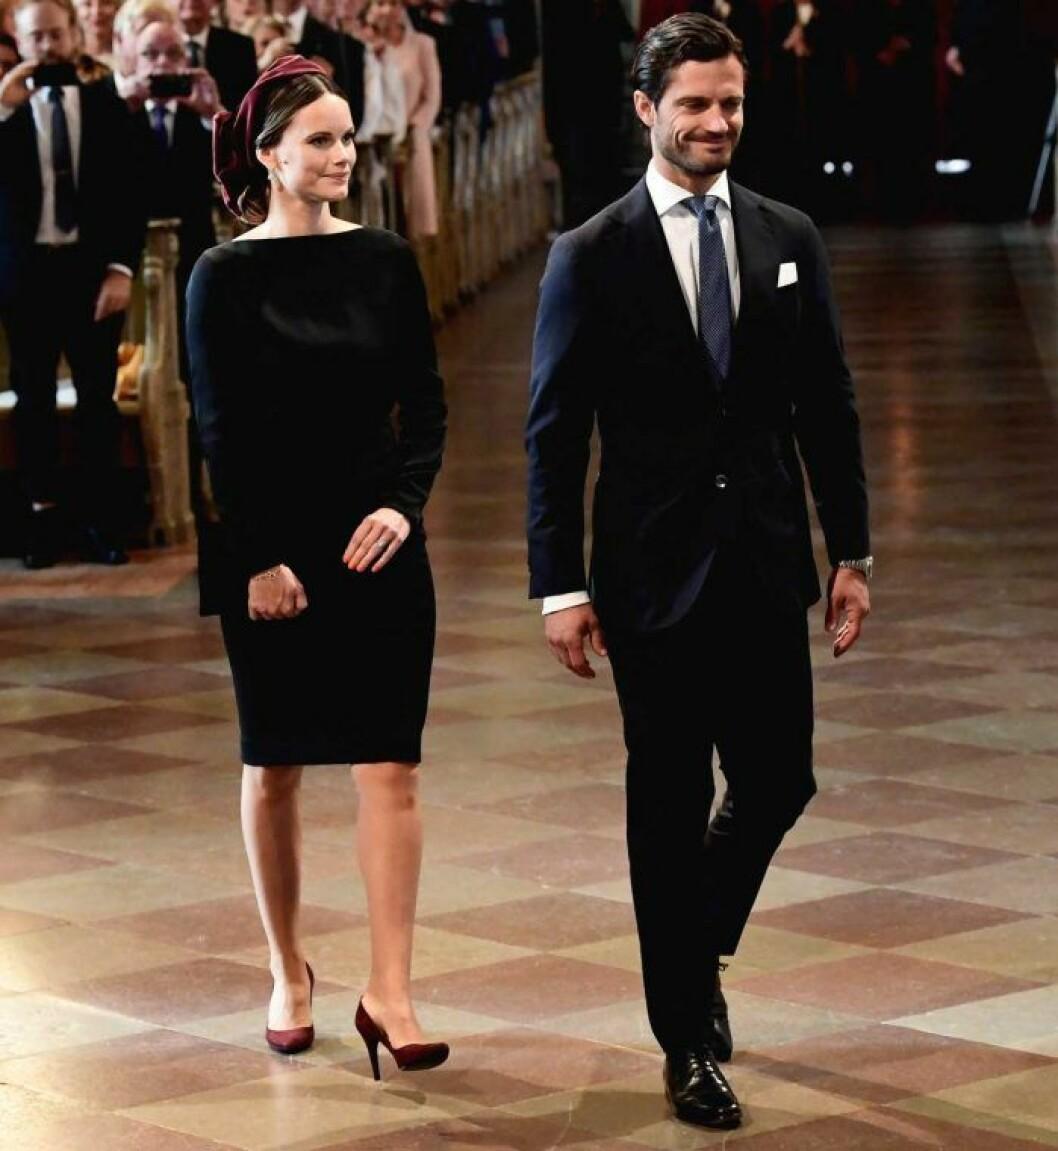 Sofia i svart klänning